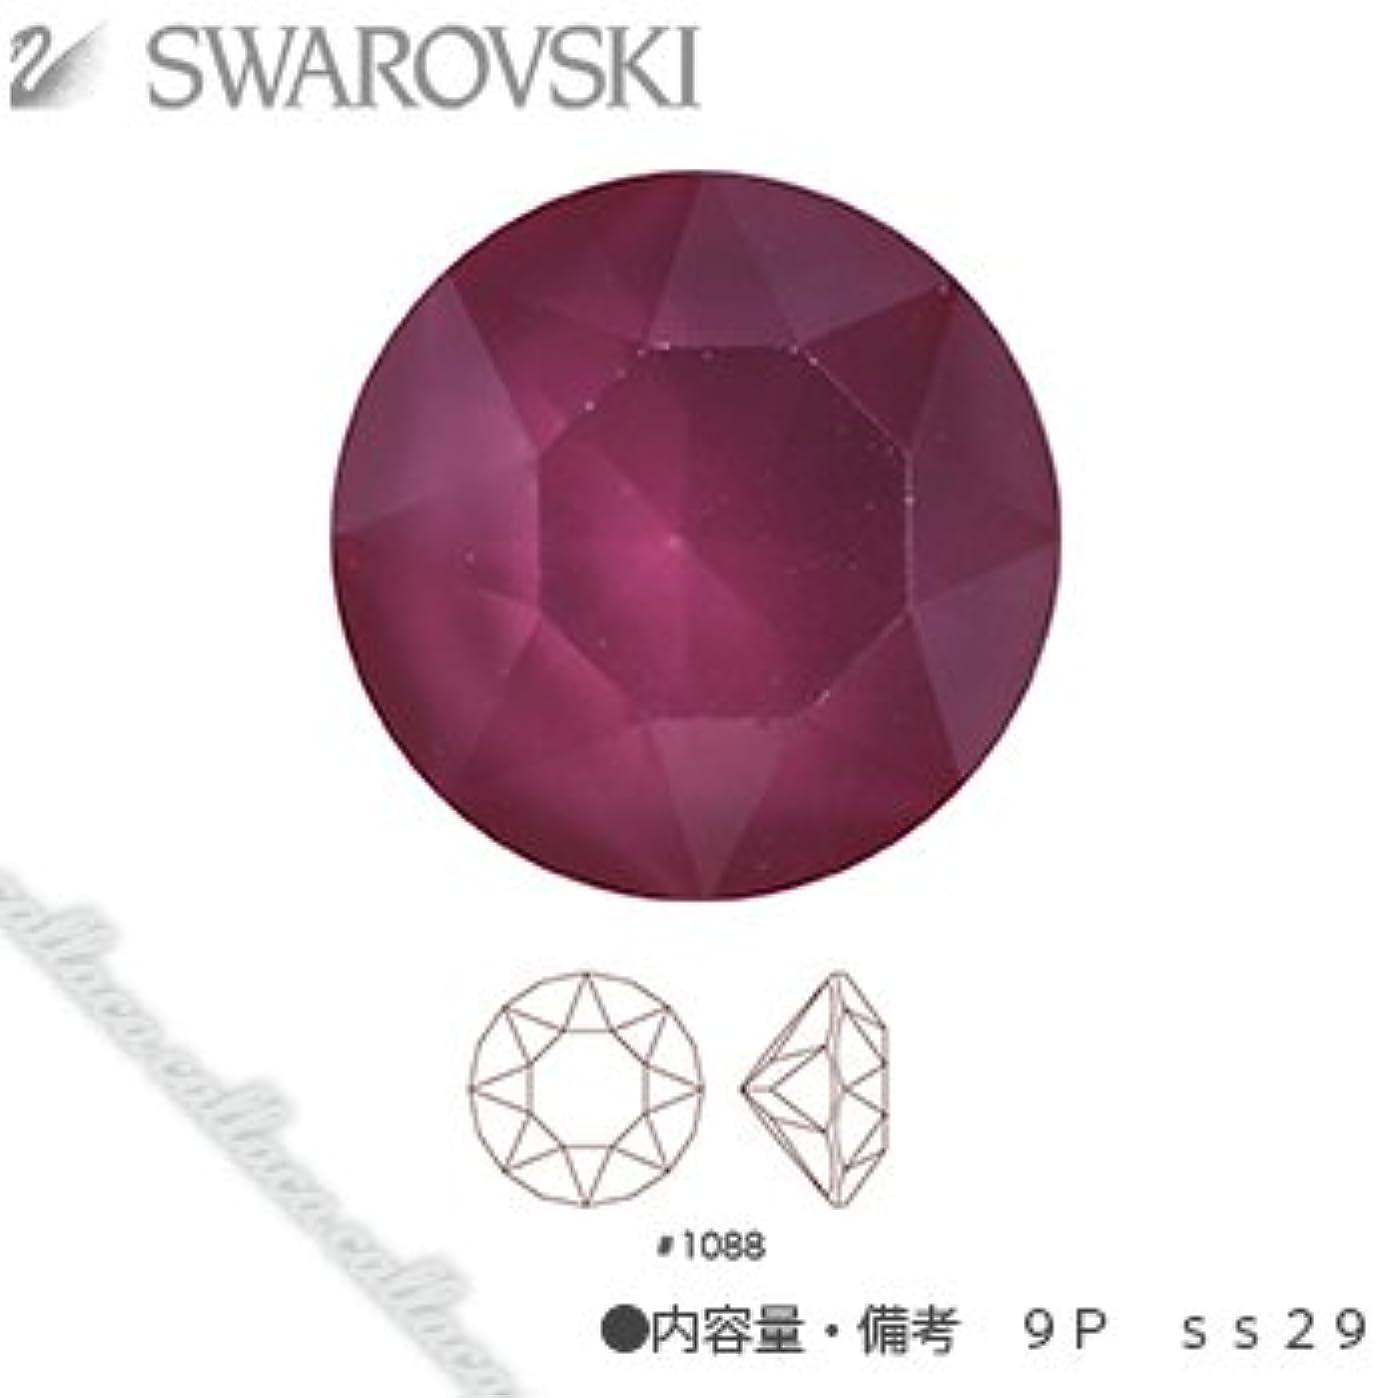 乳剤食欲残酷なSWAROVSKI スワロフスキー クリスタルピオ二ーピンク ss29 #1088 チャトン(Vカット) 9P